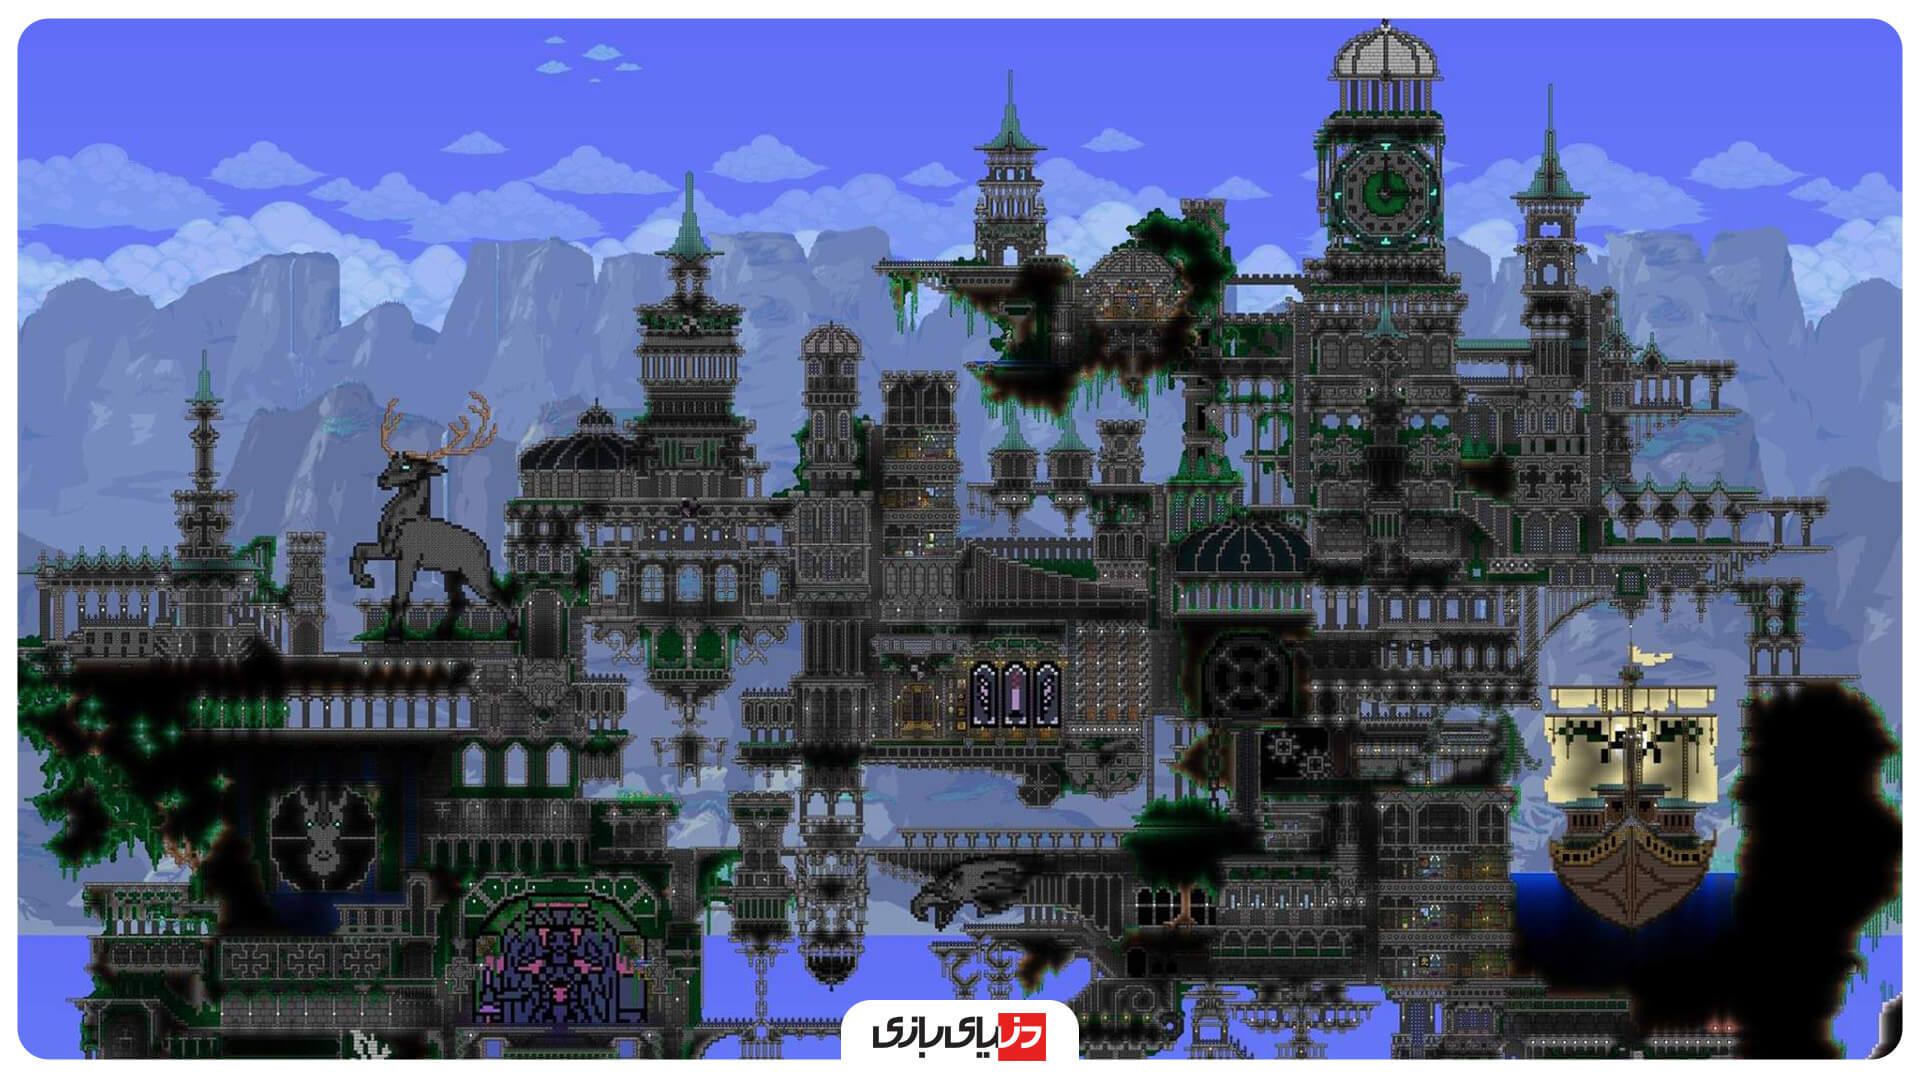 بهترین بازی های بقا - بازی Terraria